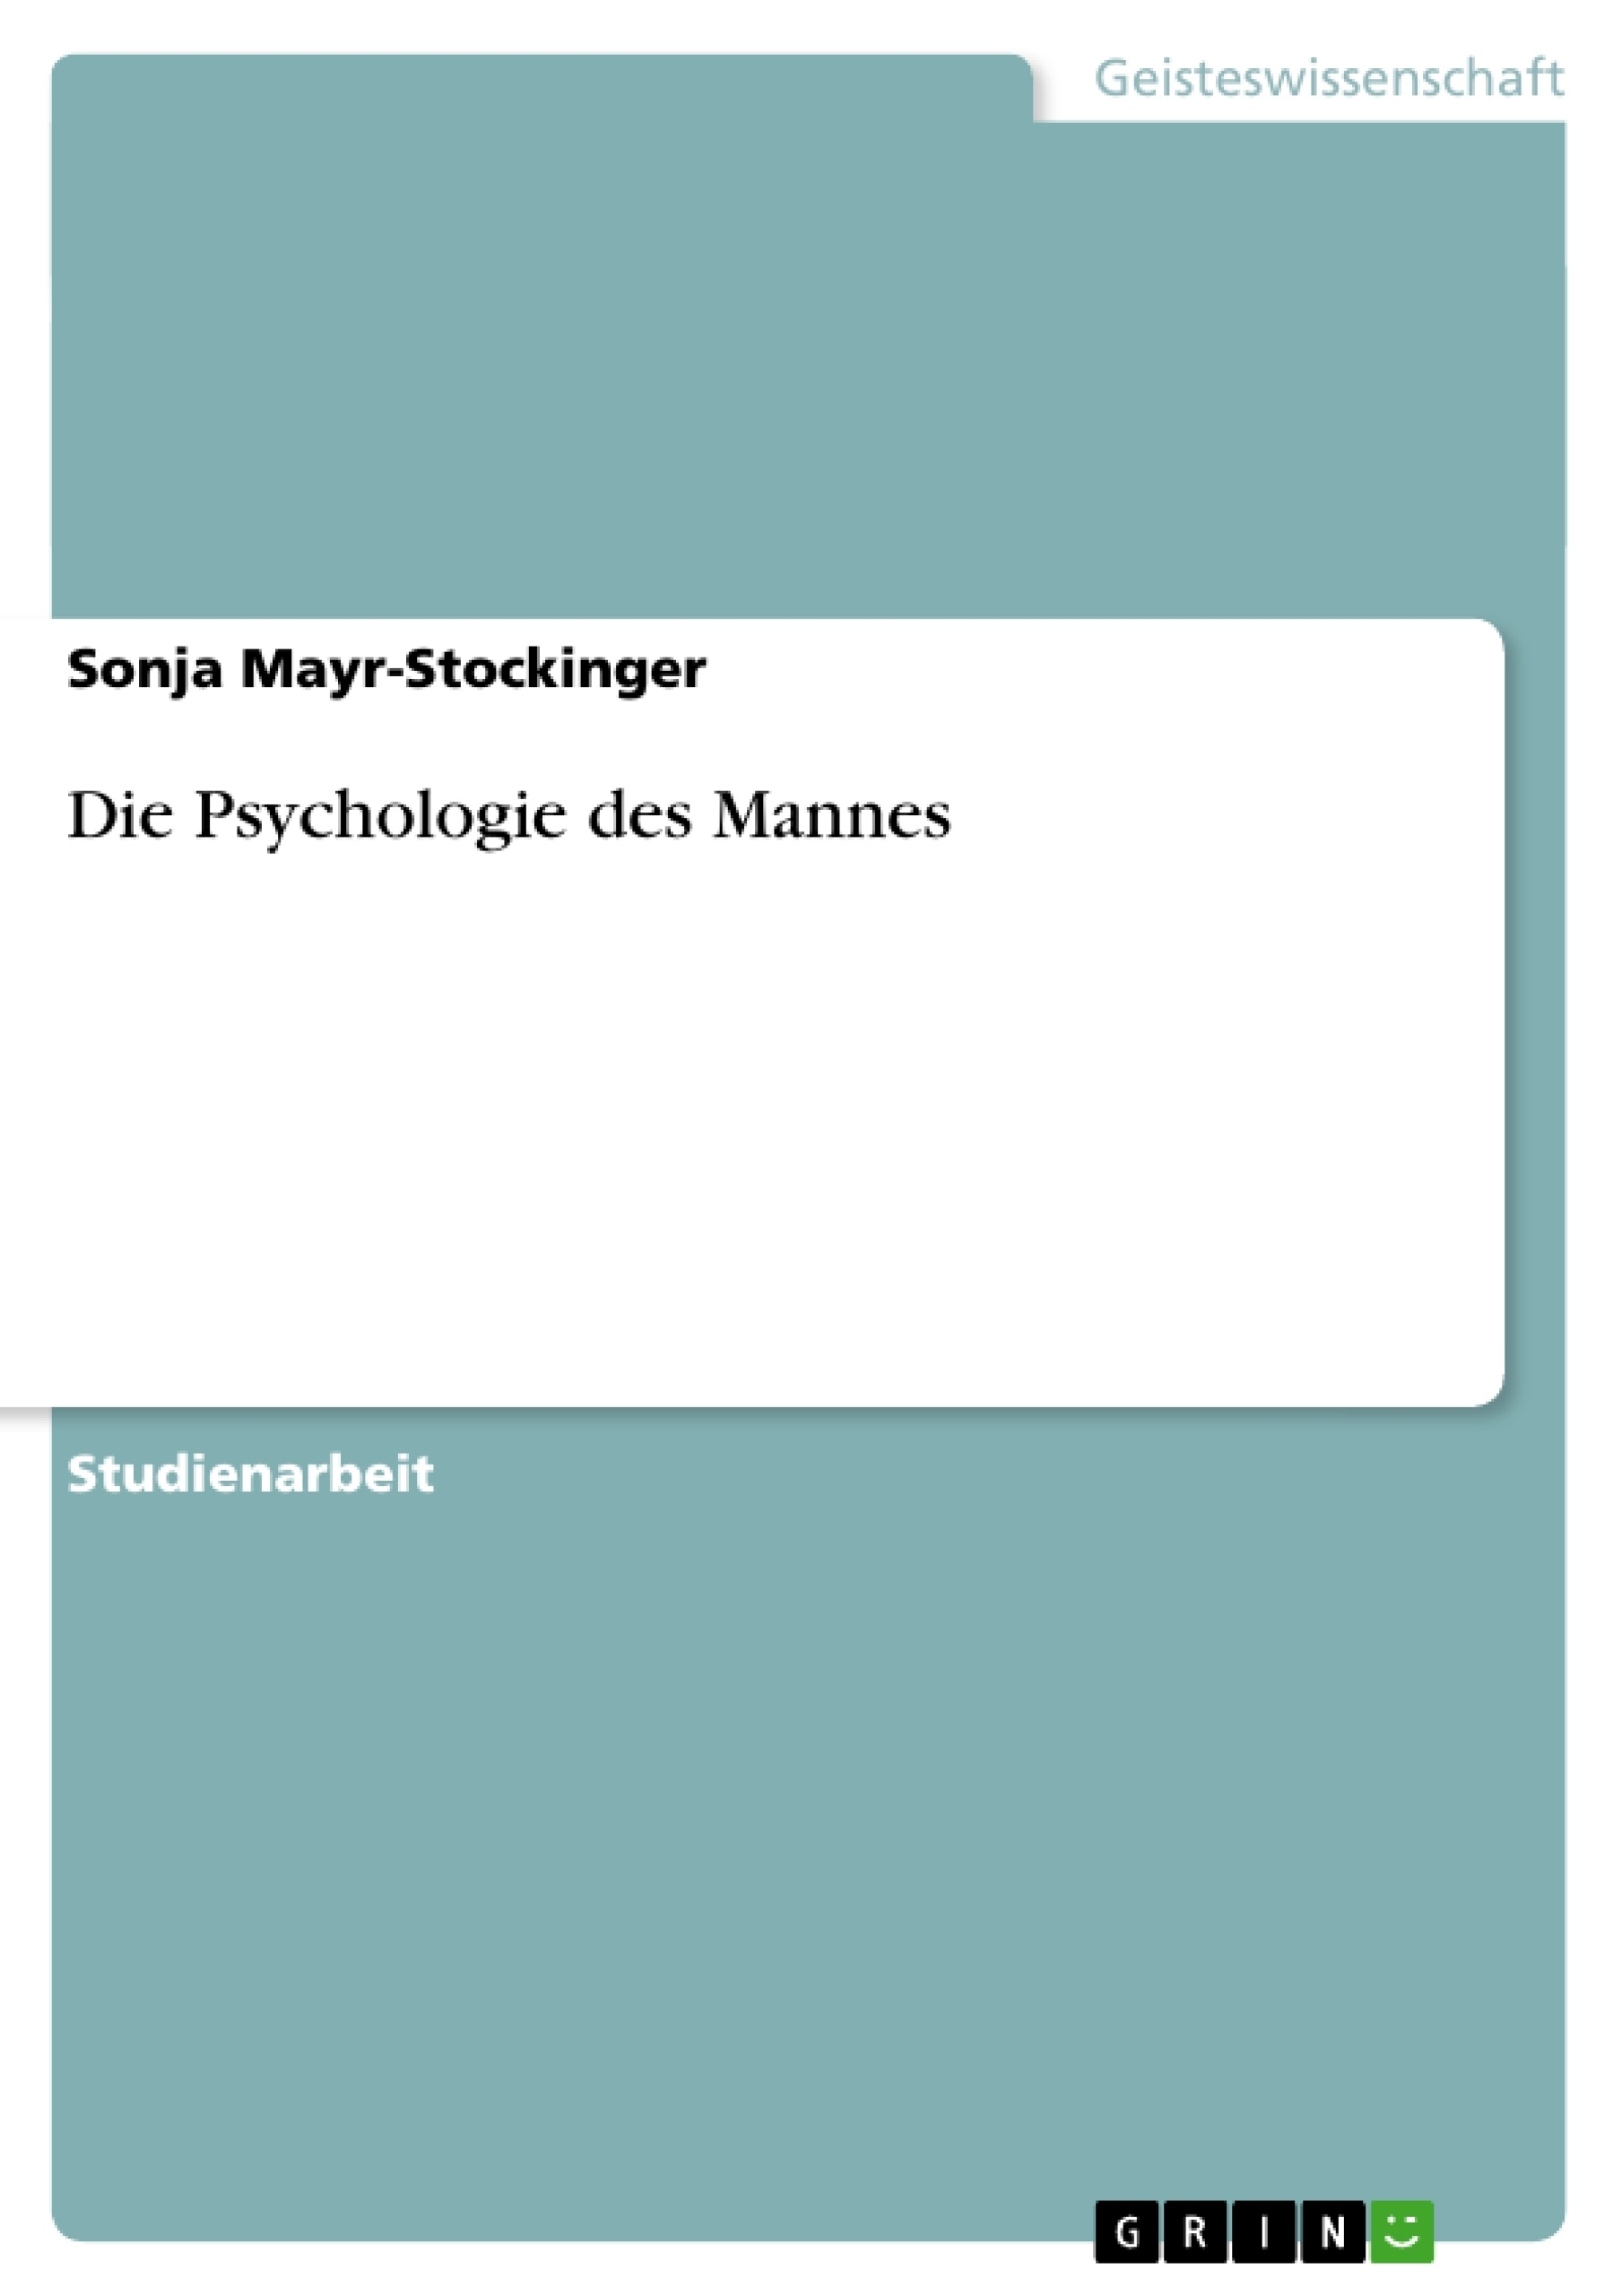 Titel: Die Psychologie des Mannes